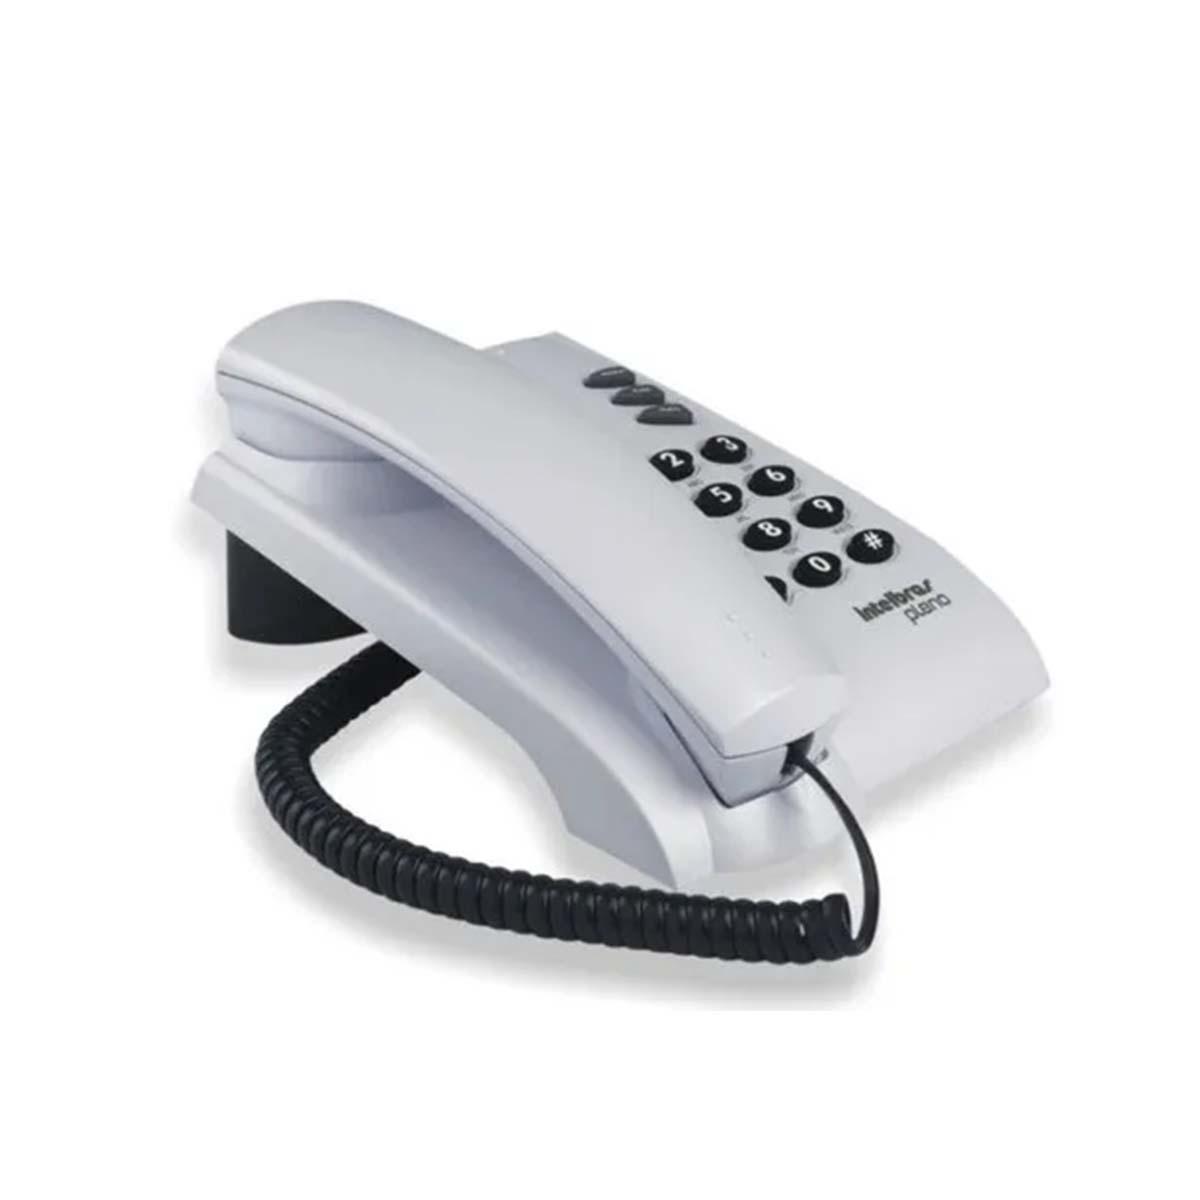 Kit 08 Telefone De Mesa Intelbras Pleno Cz Artico